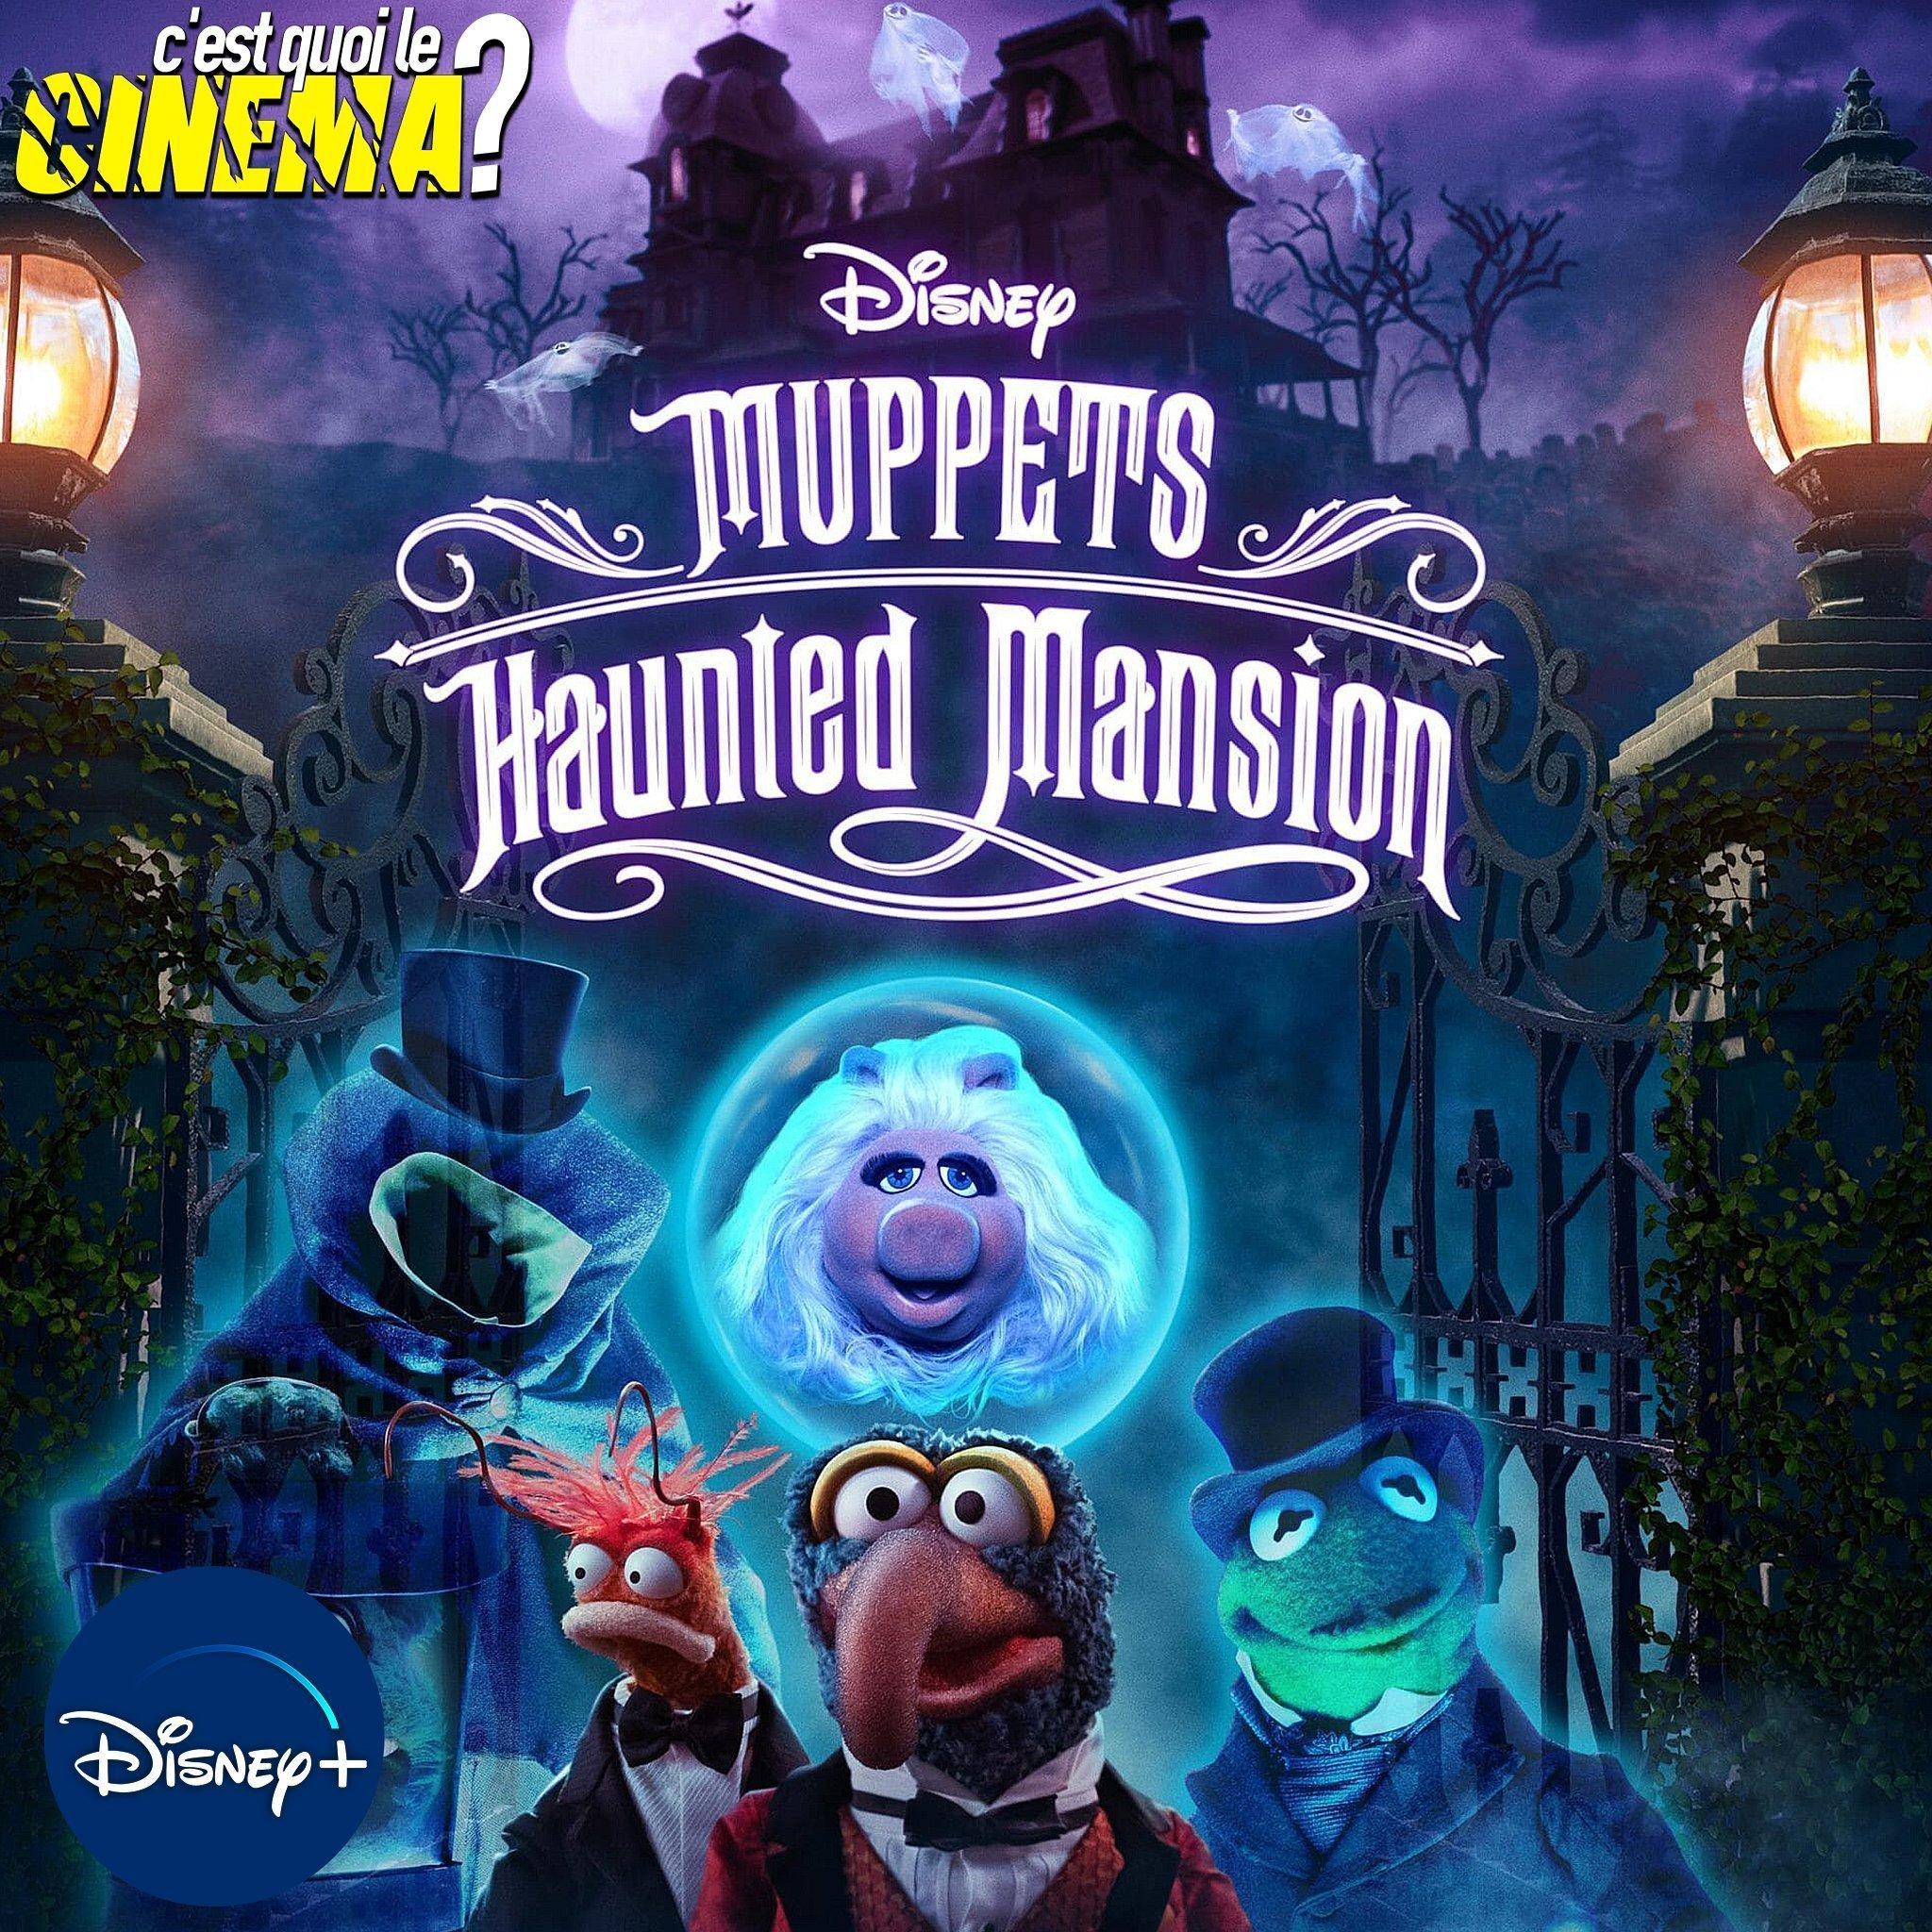 [CRITIQUE] Muppets Haunted Mansion – Avec de bons amis, on ne peut pas perdre